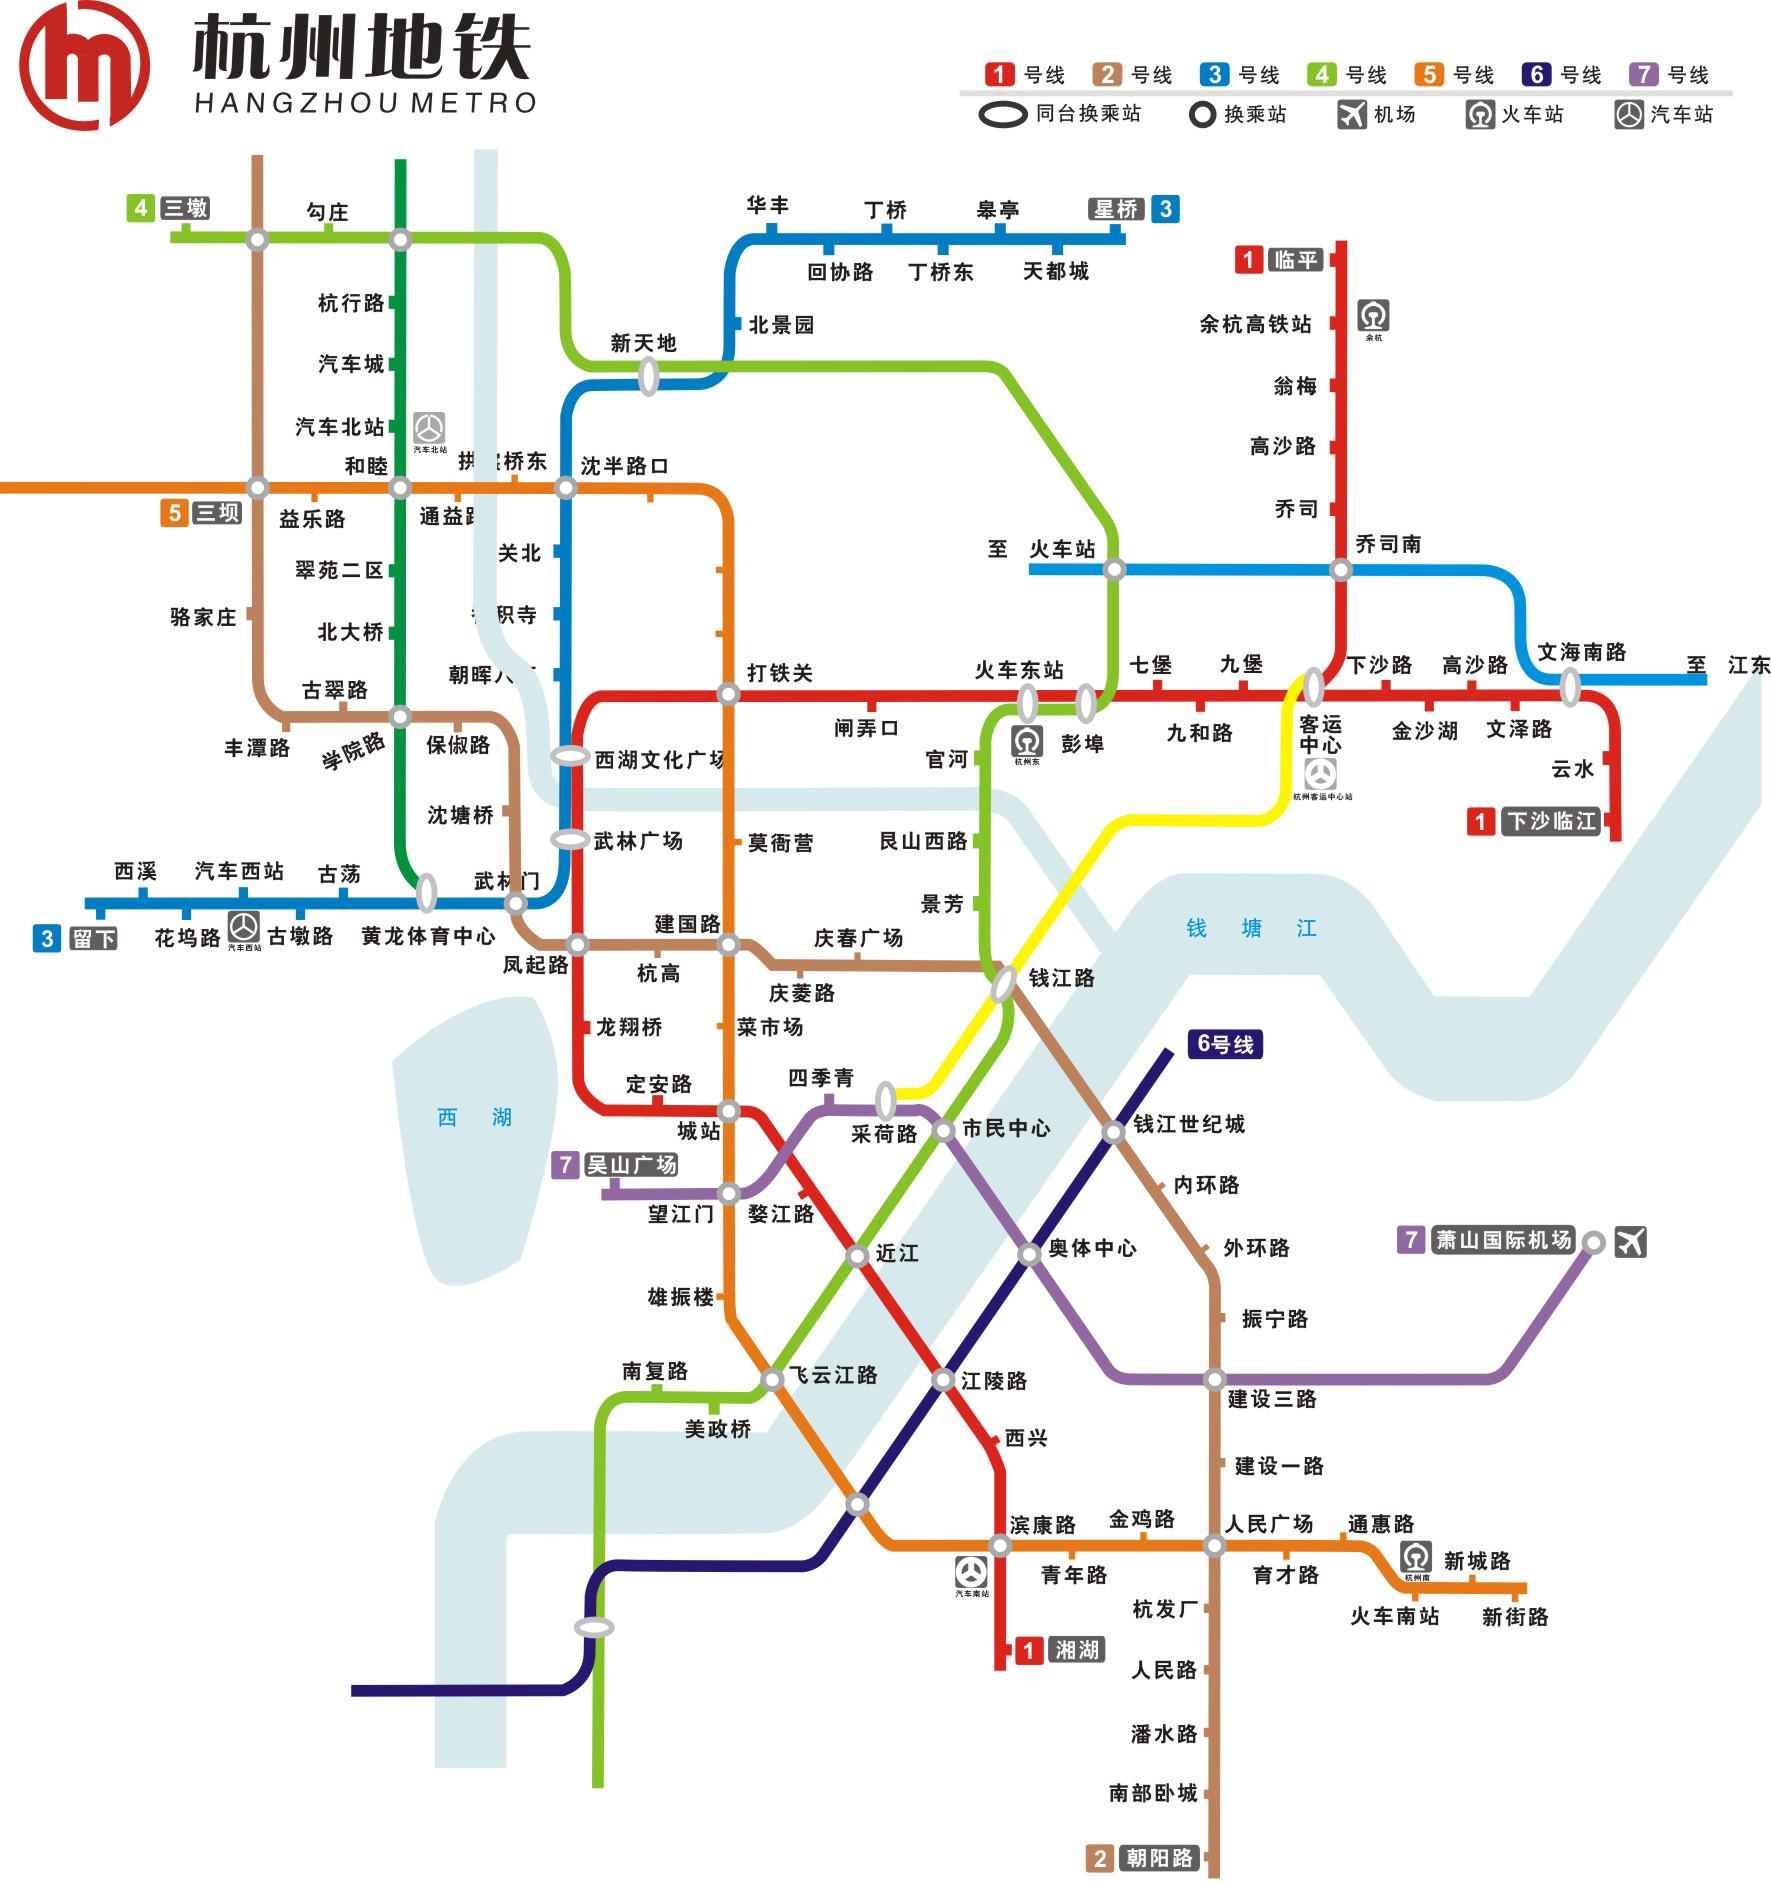 杭州地铁线路图 杭州地铁规划图 杭州地铁规划线路图